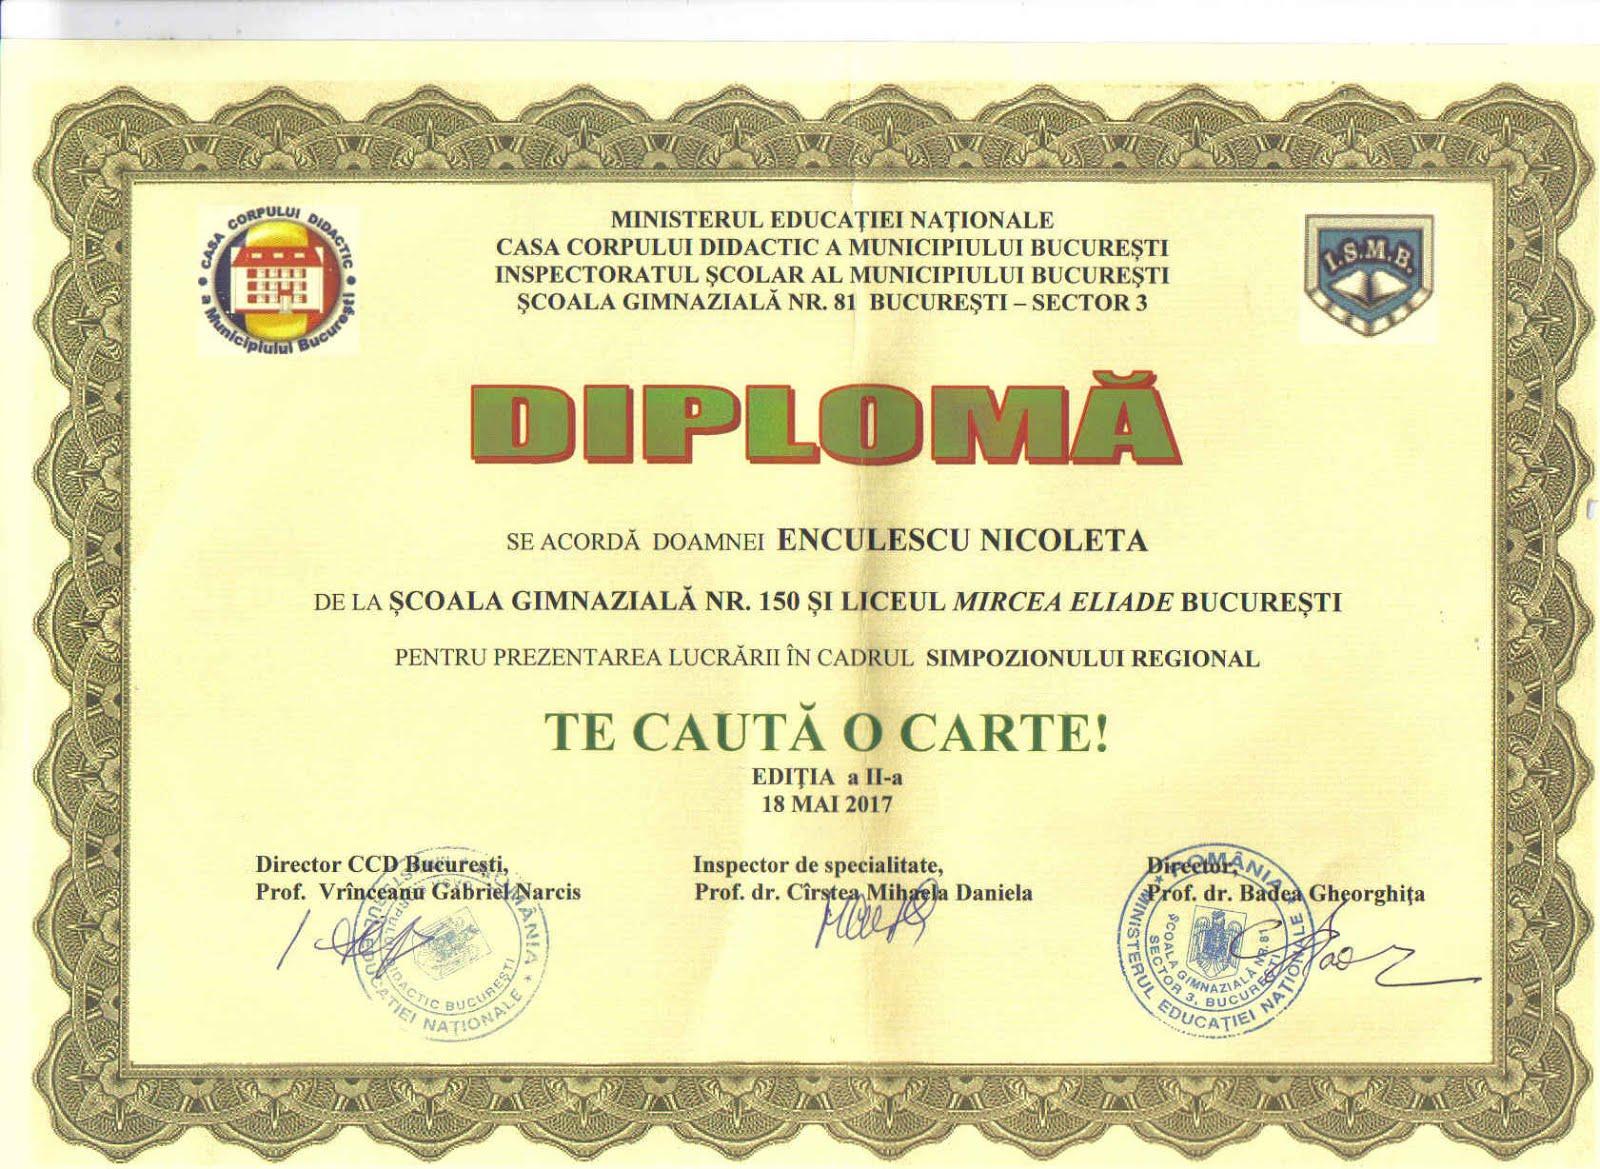 Diplomă - Simpozion Regional TE CAUTĂ O CARTE, ediția a II-a, 2017, 18 mai 2017